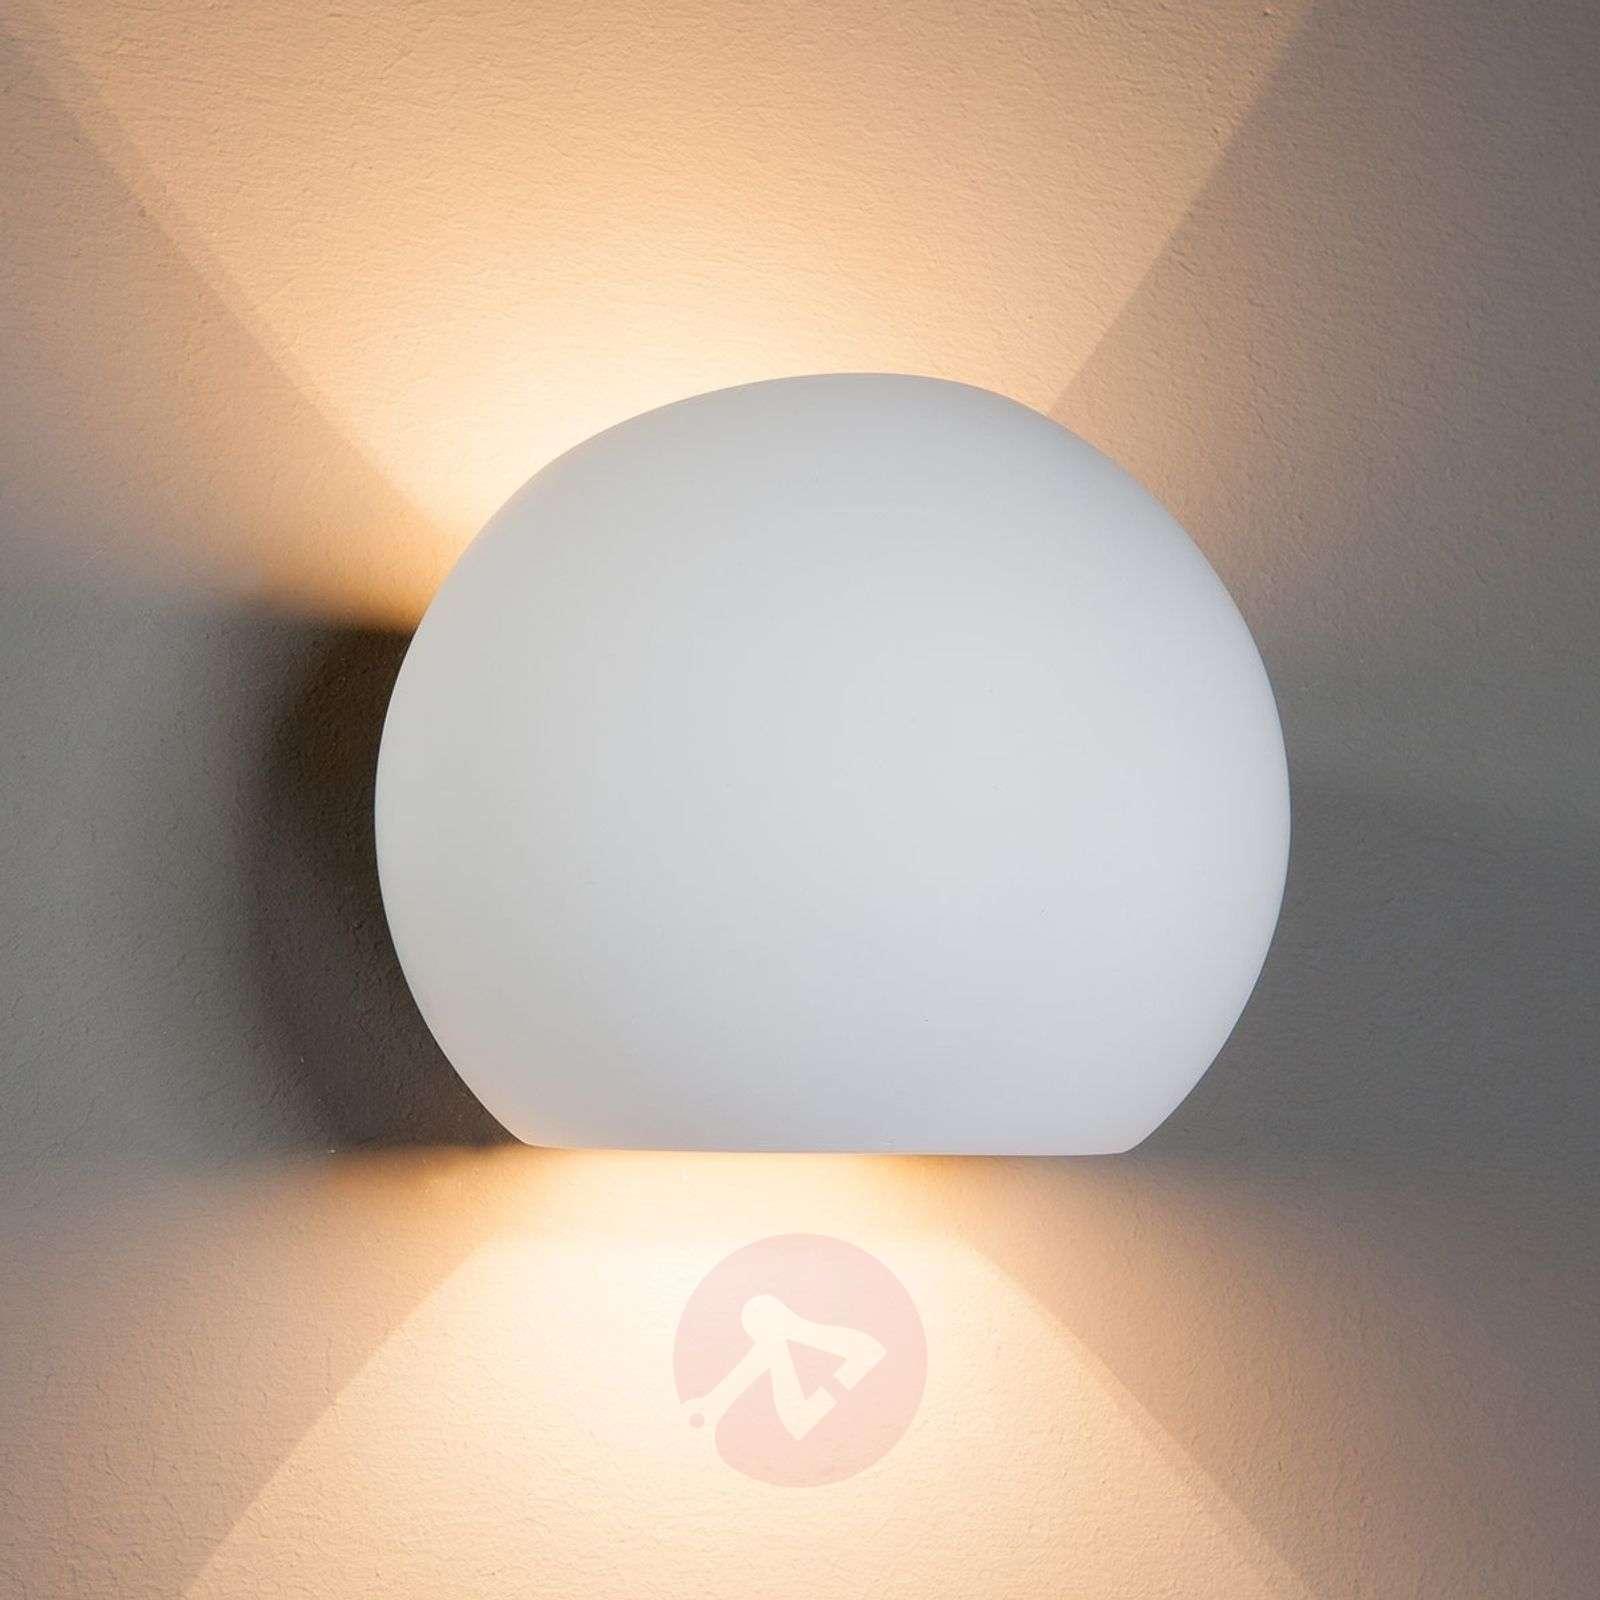 Pallon muotoinen kipsi-halogeeni-seinälamppu Elina